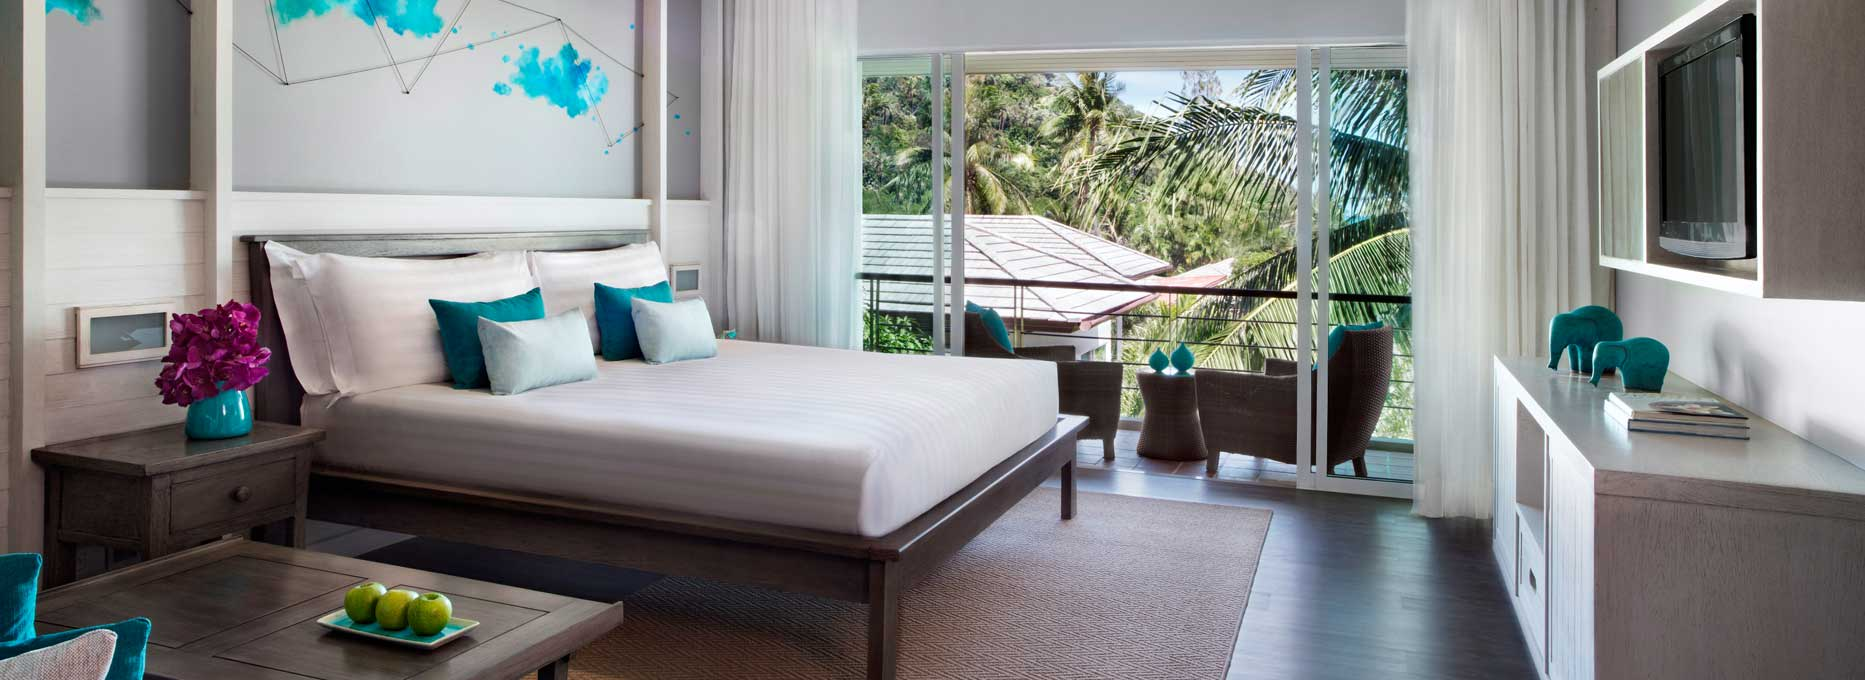 AVANI Deluxe Room at AVANI+ Samui